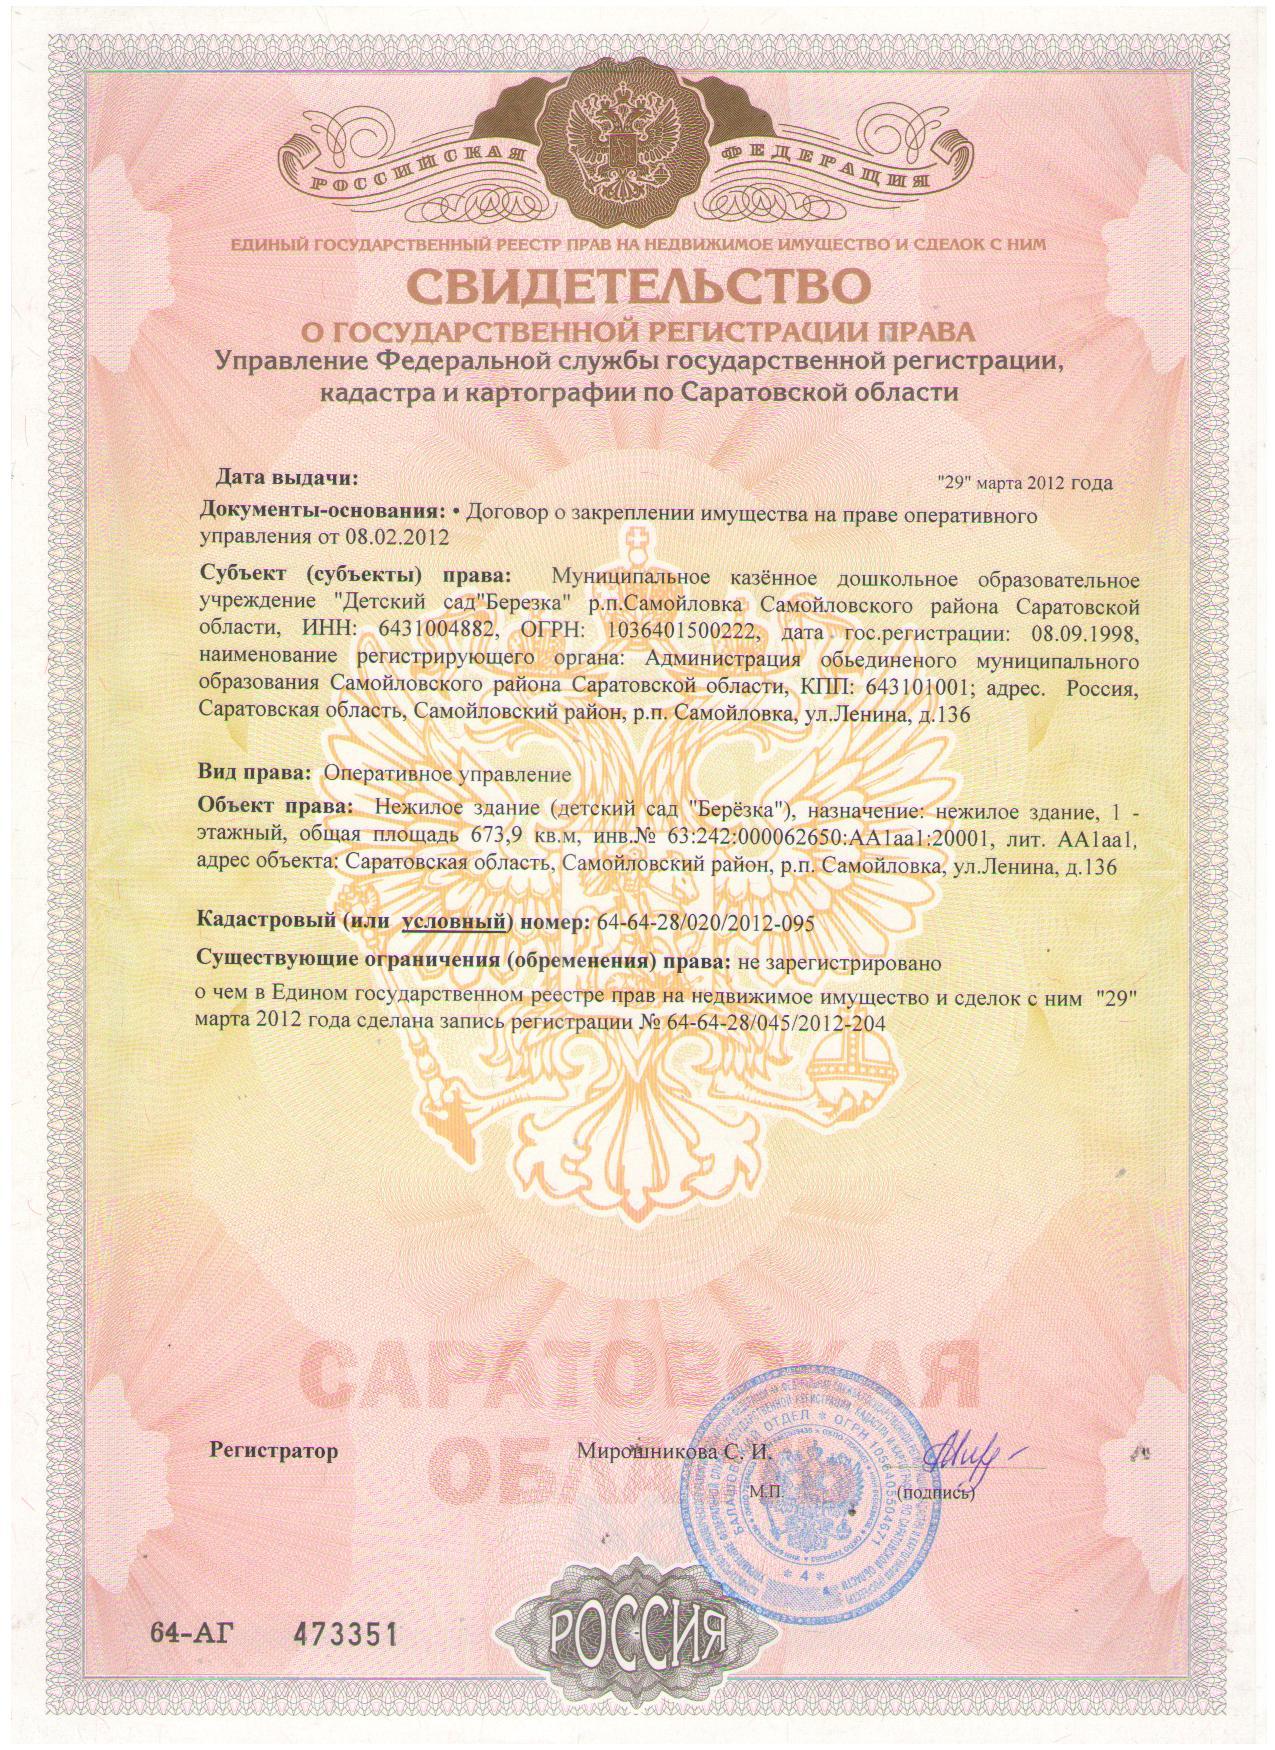 Единый государственный регистр недвижимого имущества и прав на него